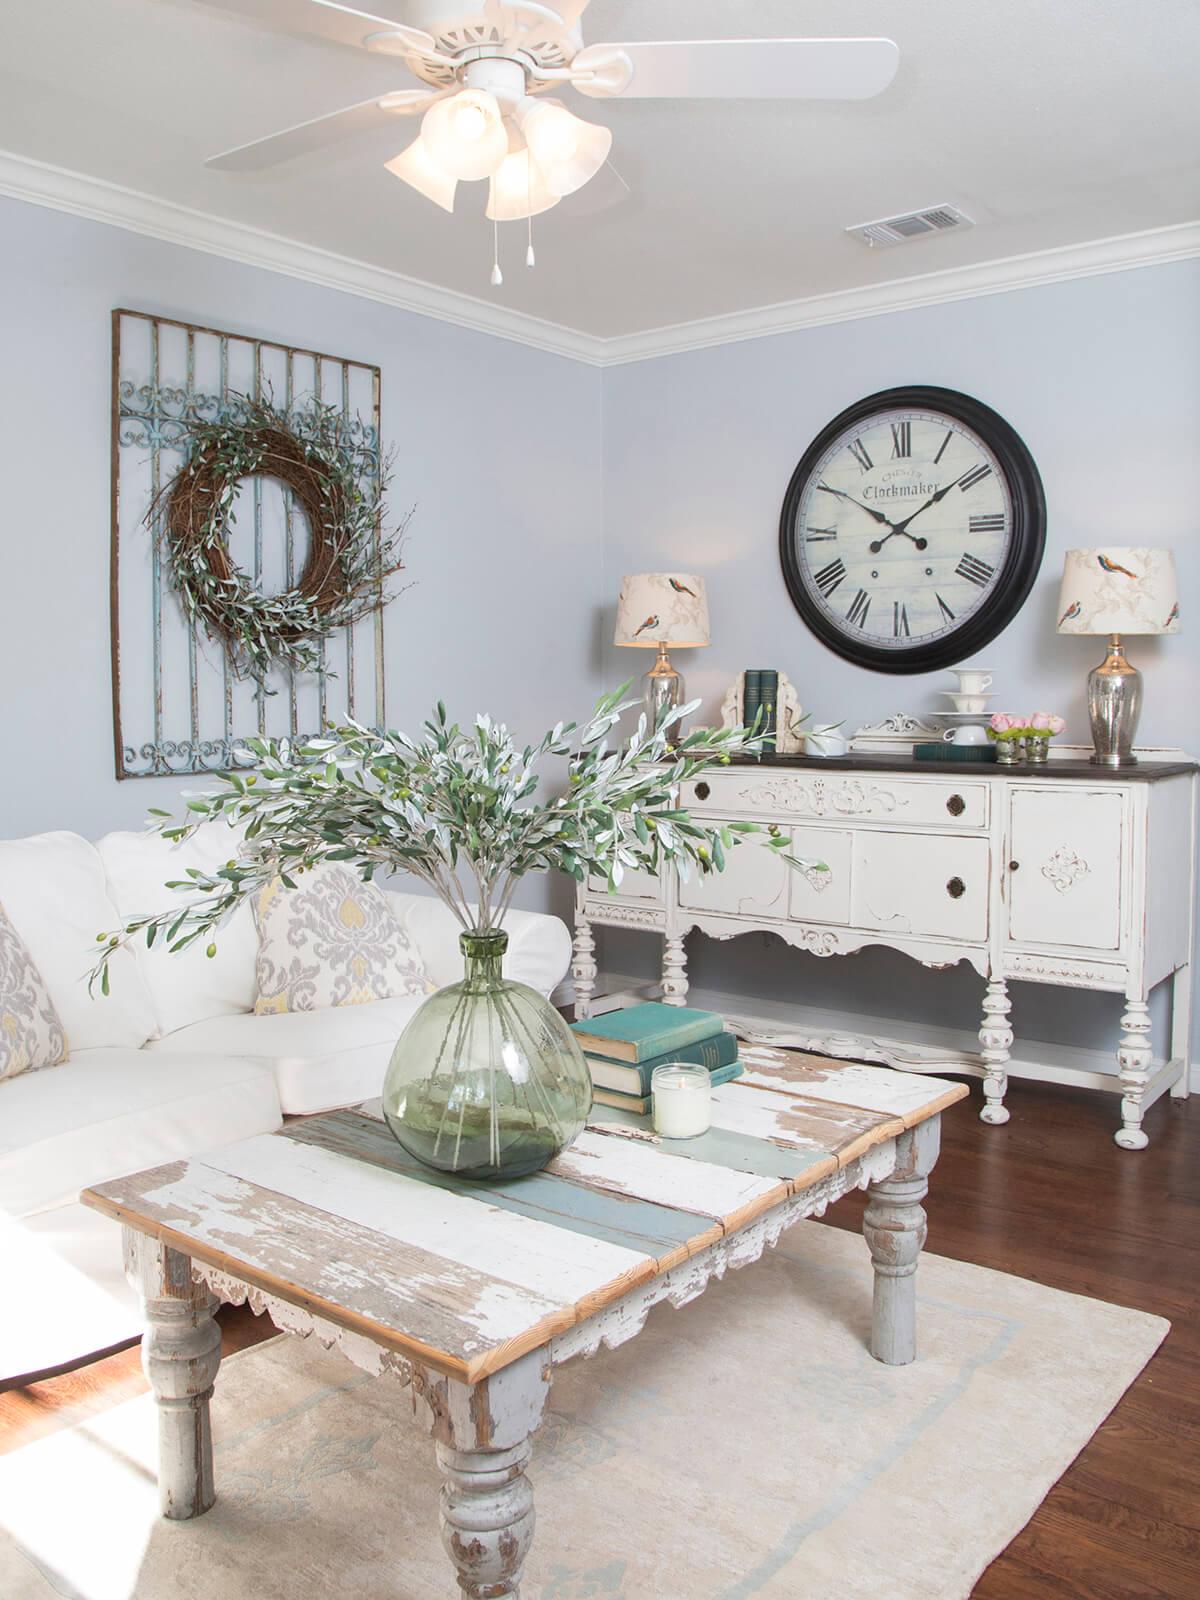 Vieille table basse peinte avec grand vase